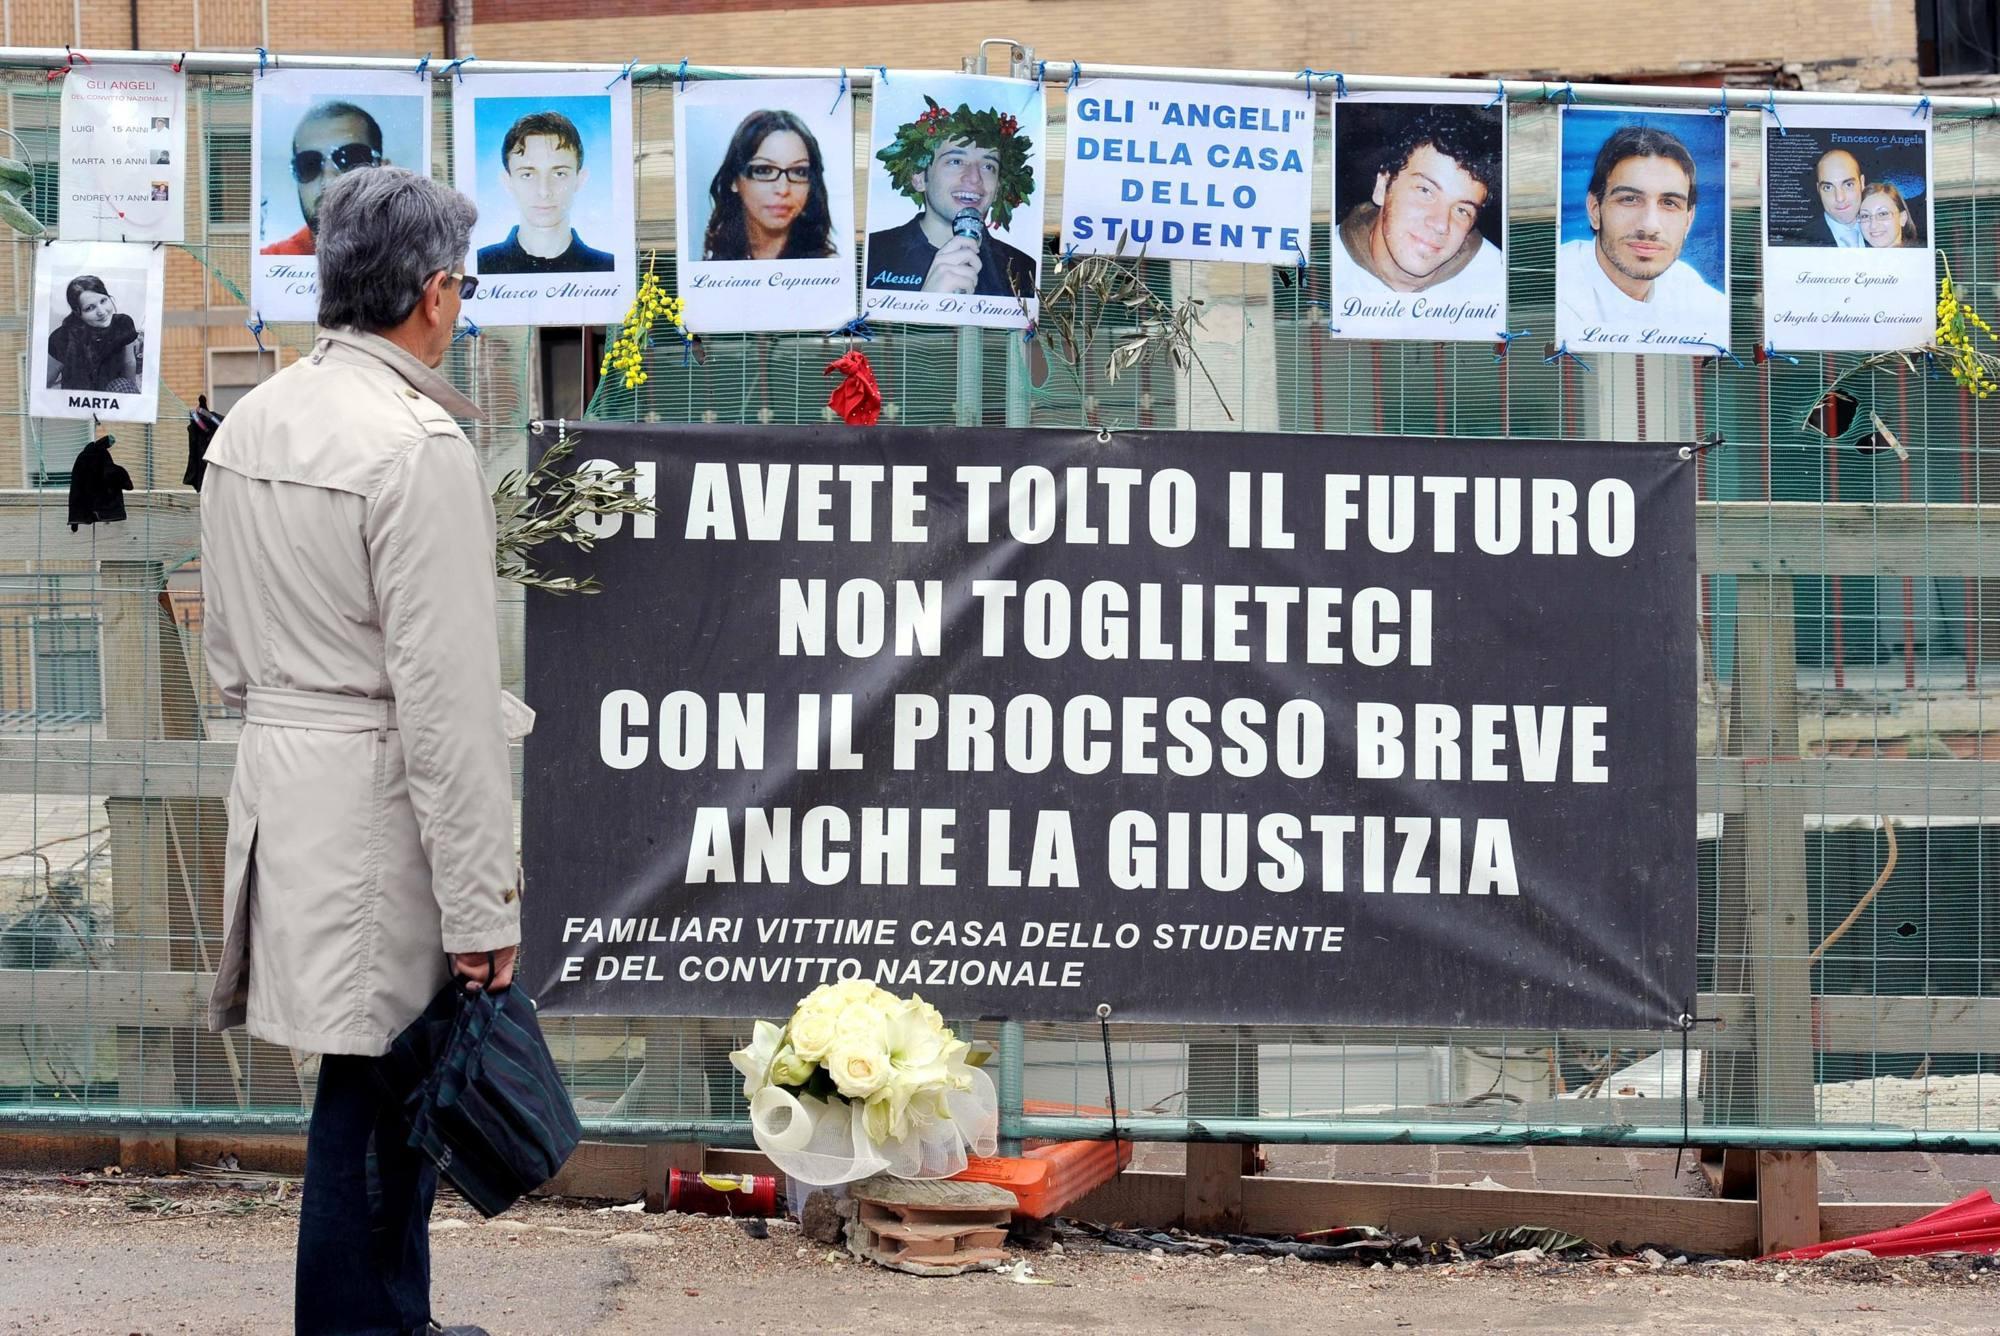 Crollo della Casa dello studente Condannati quattro tecnici  Corriereit